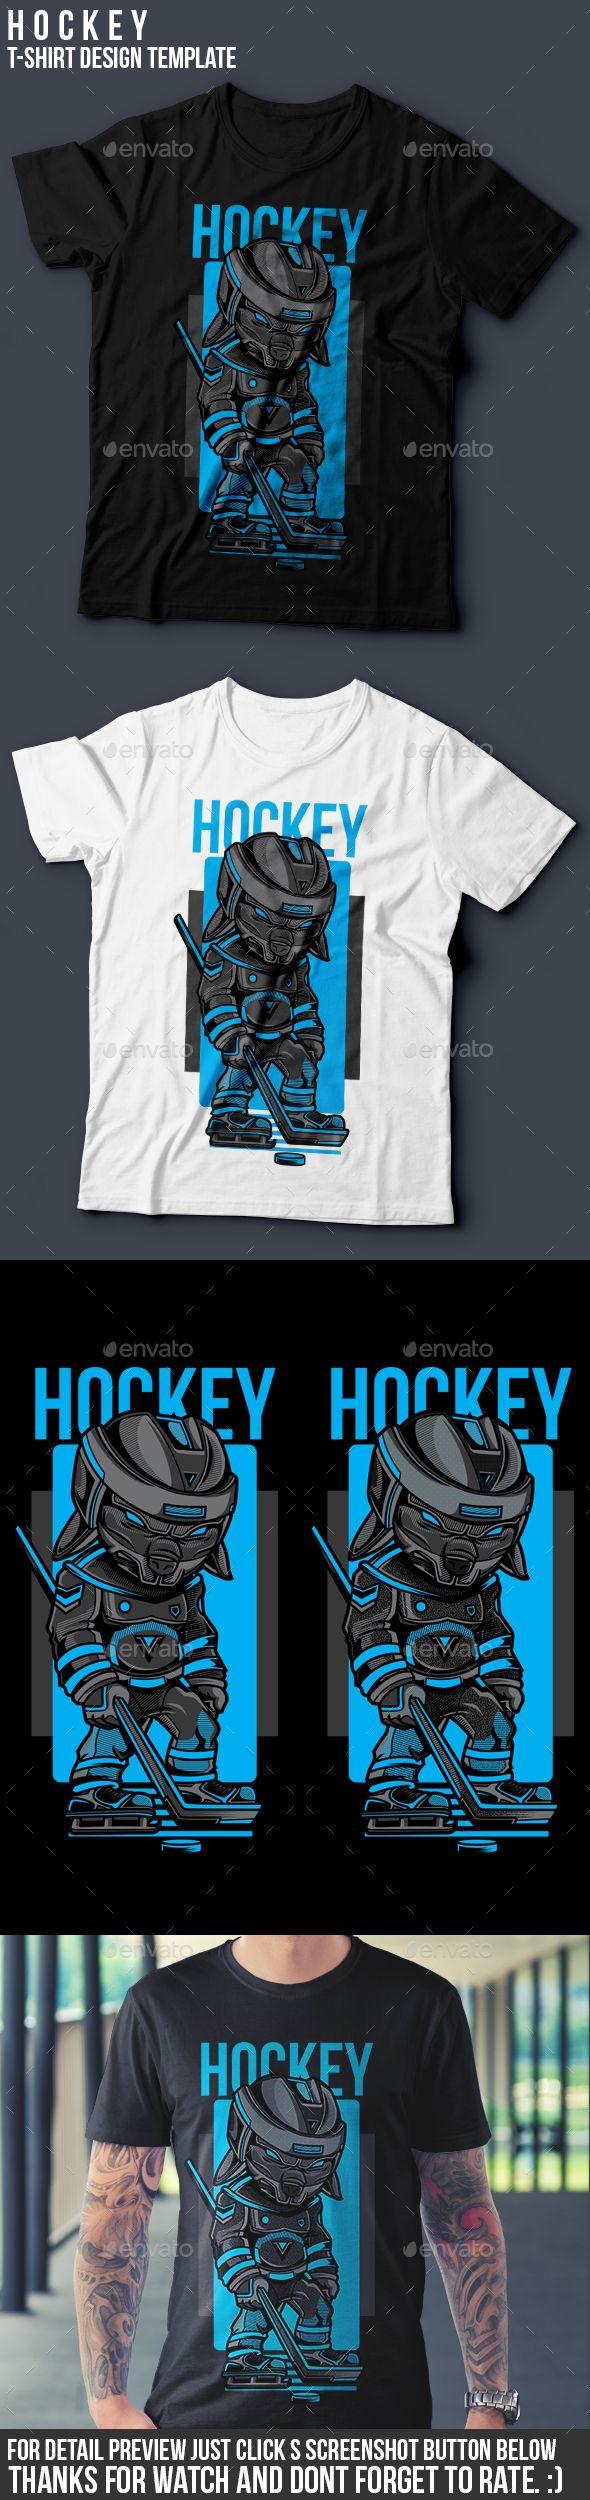 Shirt design template size - Hockey T Shirt Design